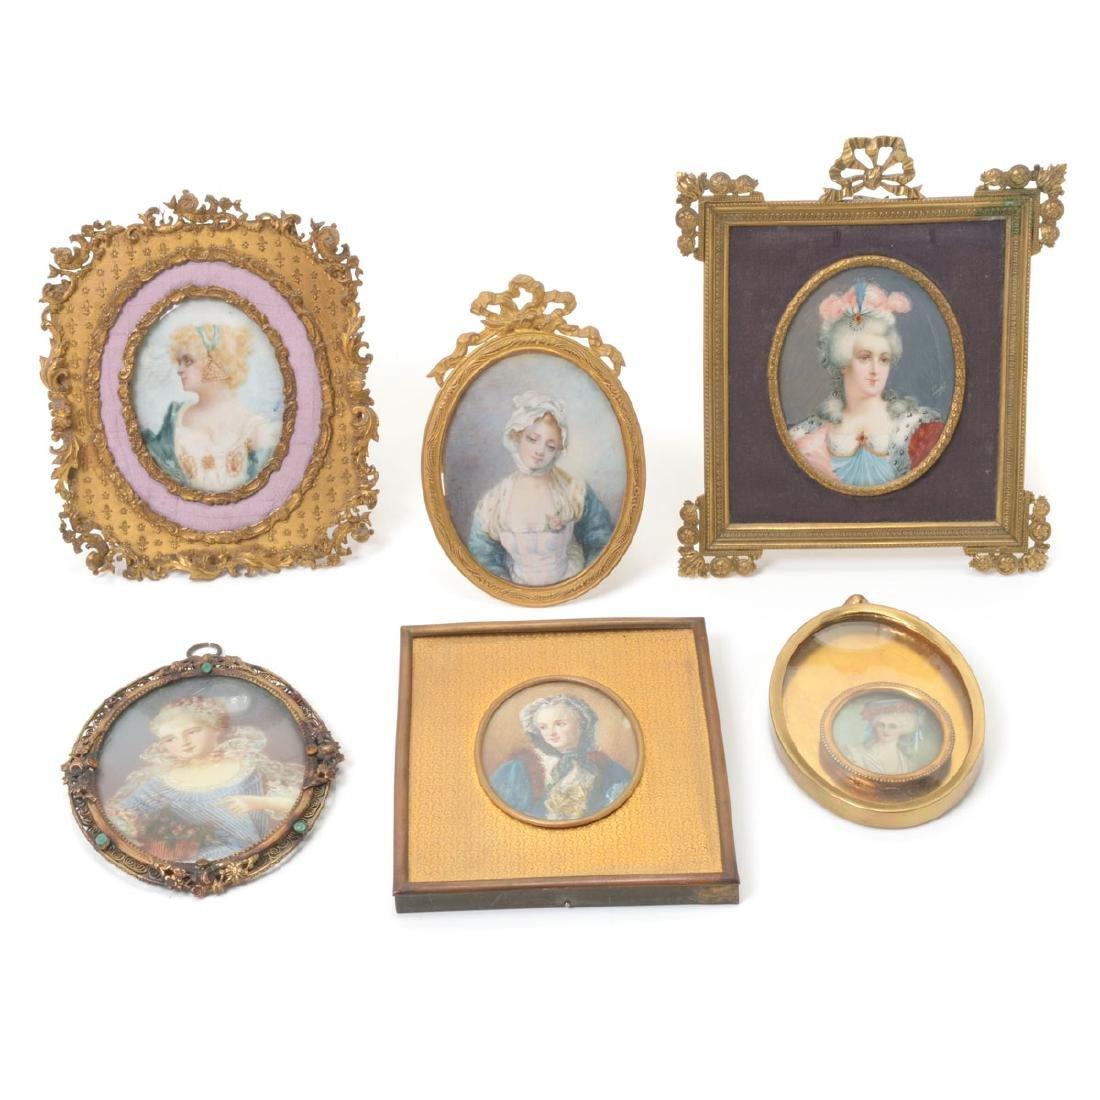 Six Brass Framed Miniature Portraits of Women